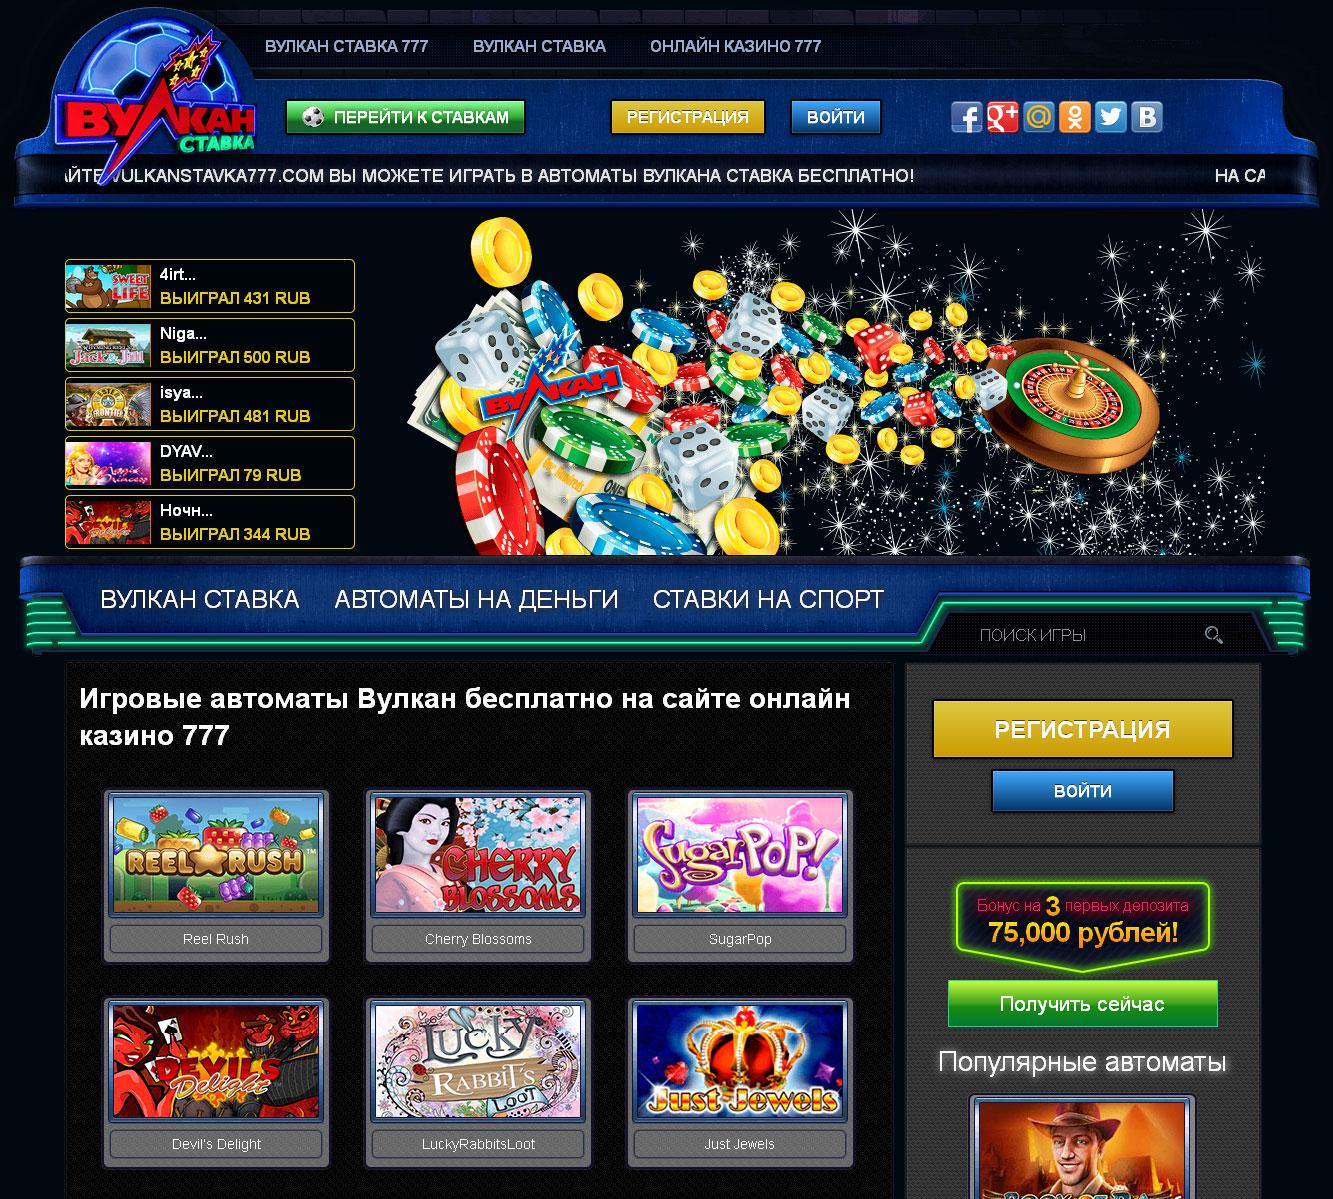 Игровые автоматы казино рояль 777 реально выиграть в интернет казино вулкан